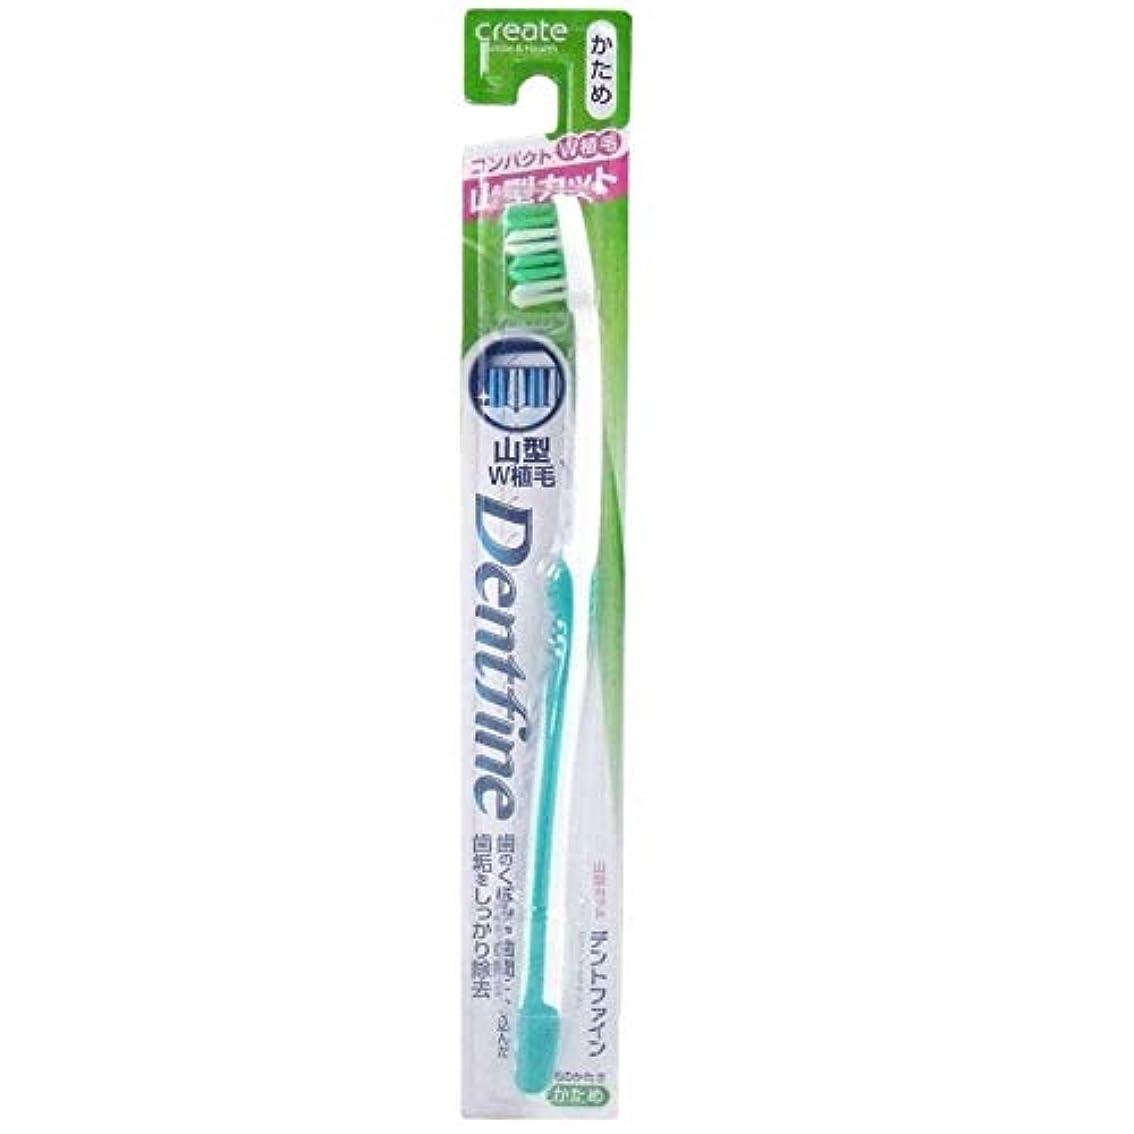 協同情緒的マトンデントファイン ラバーグリップ 山切りカット 歯ブラシ かため 1本:グリーン